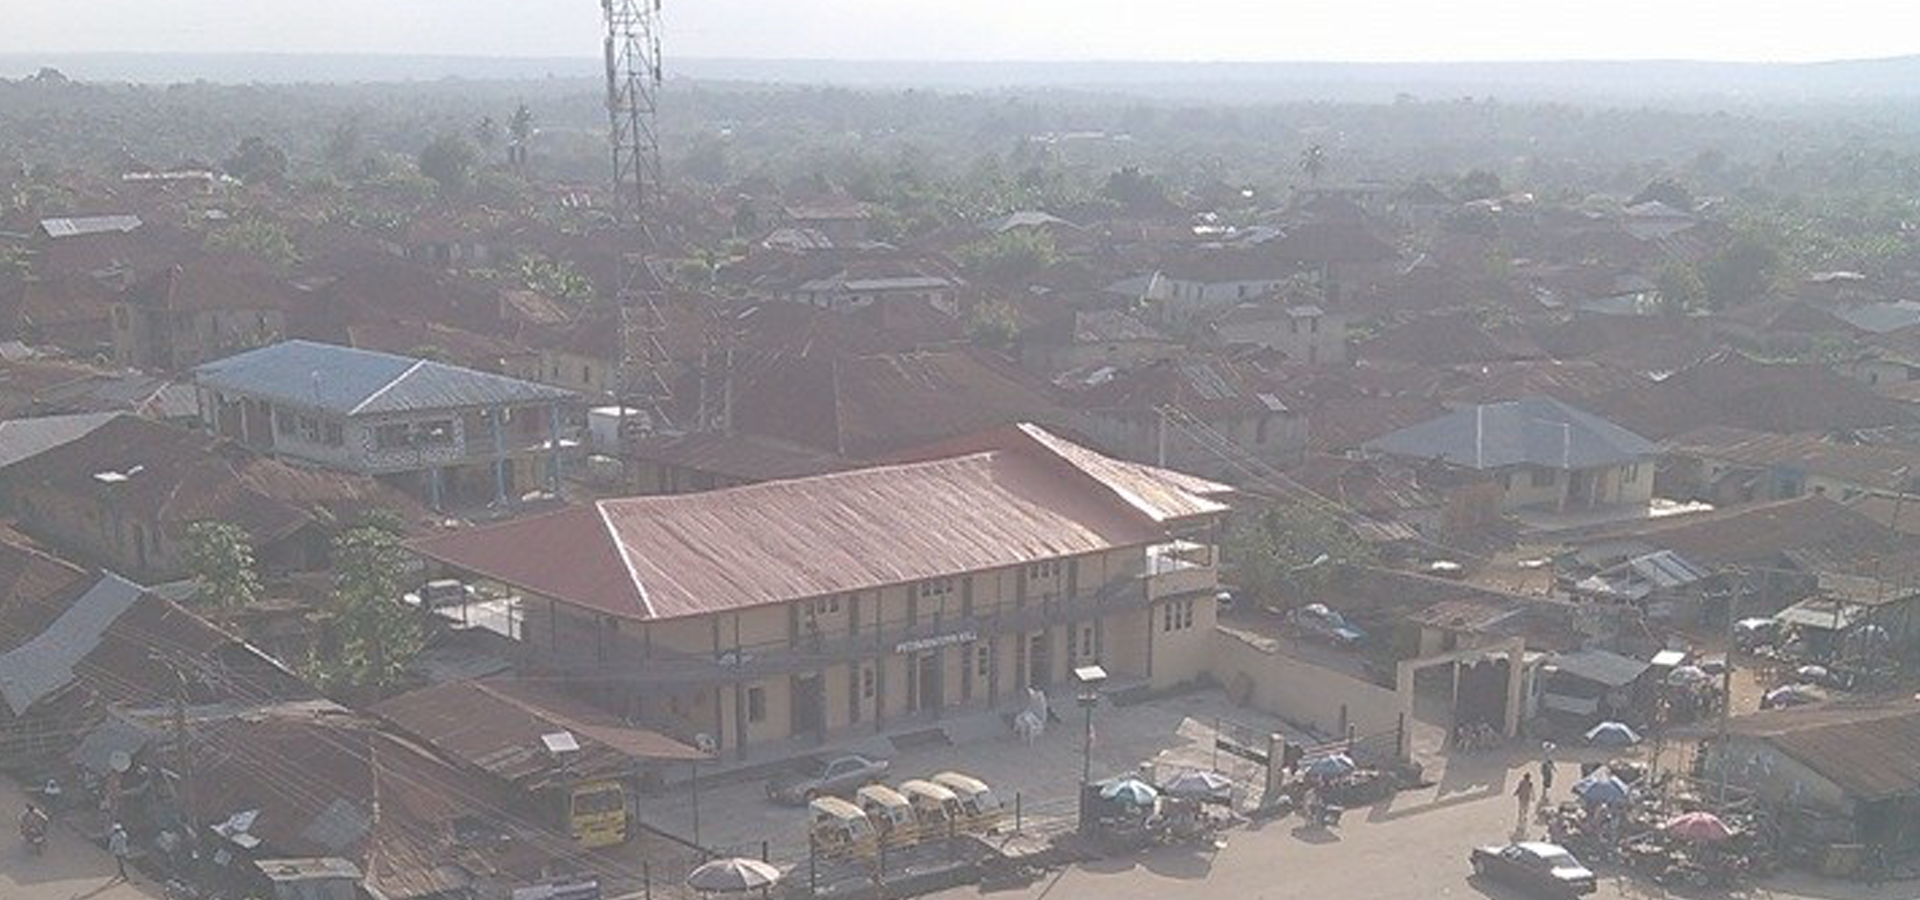 Peer-to-peer advisory in Ipetumodu, Osun State, Nigeria